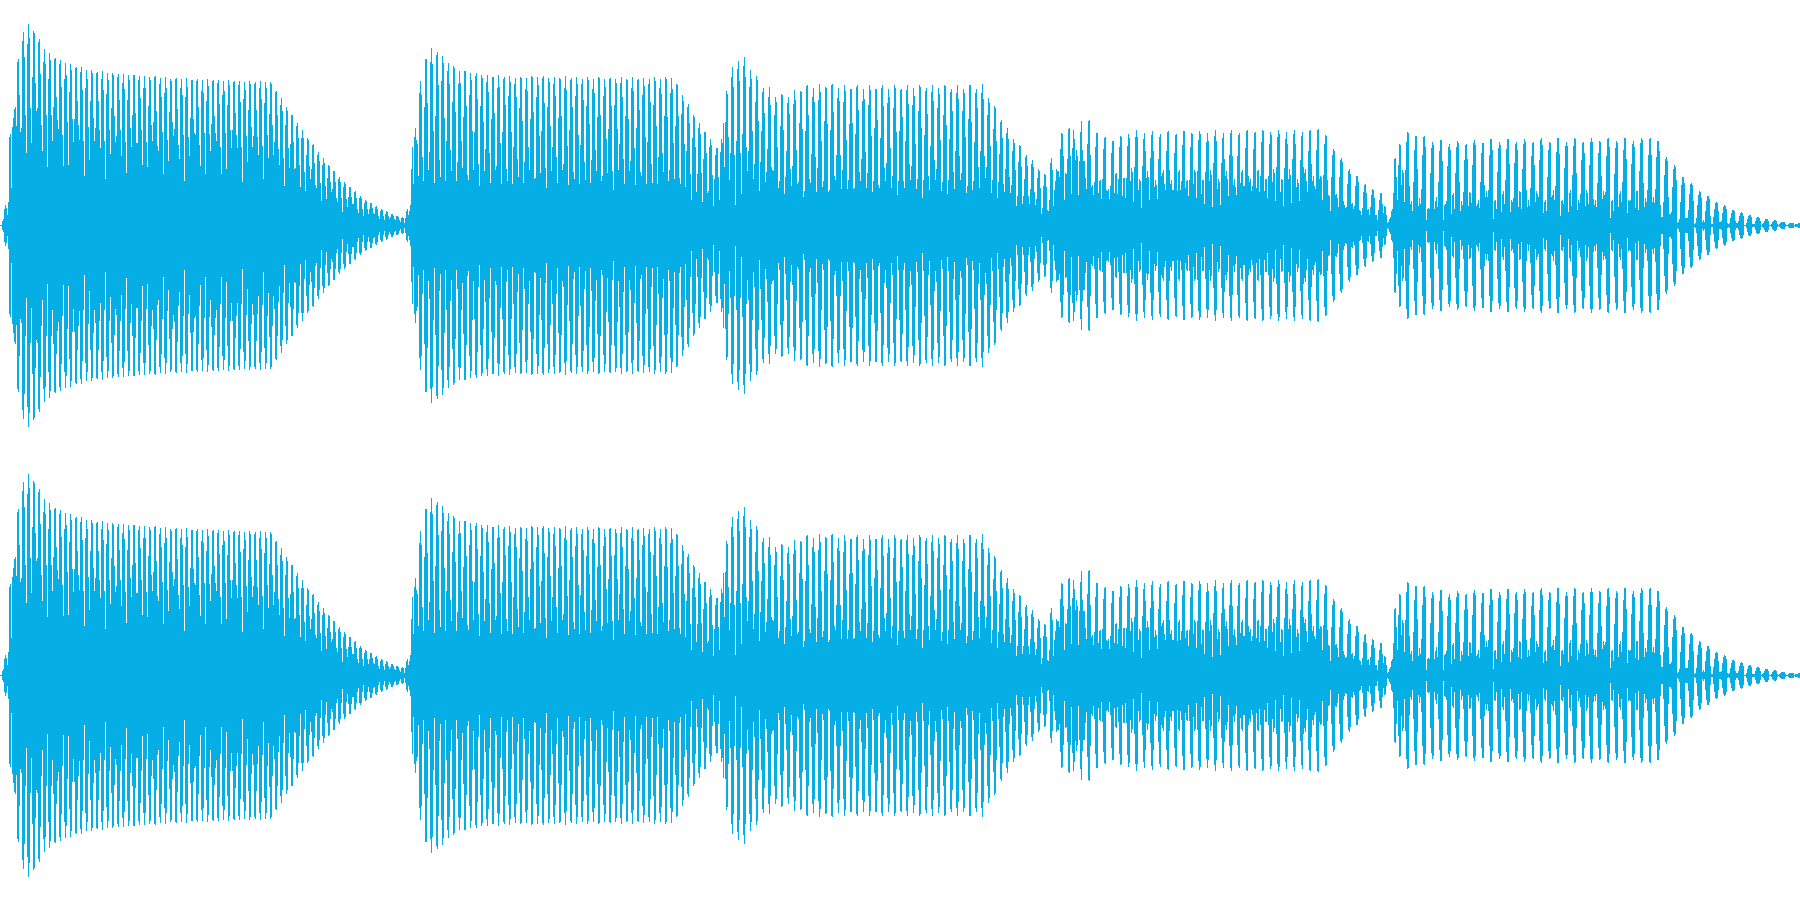 往年のRPG風 コマンド音 シリーズ16の再生済みの波形